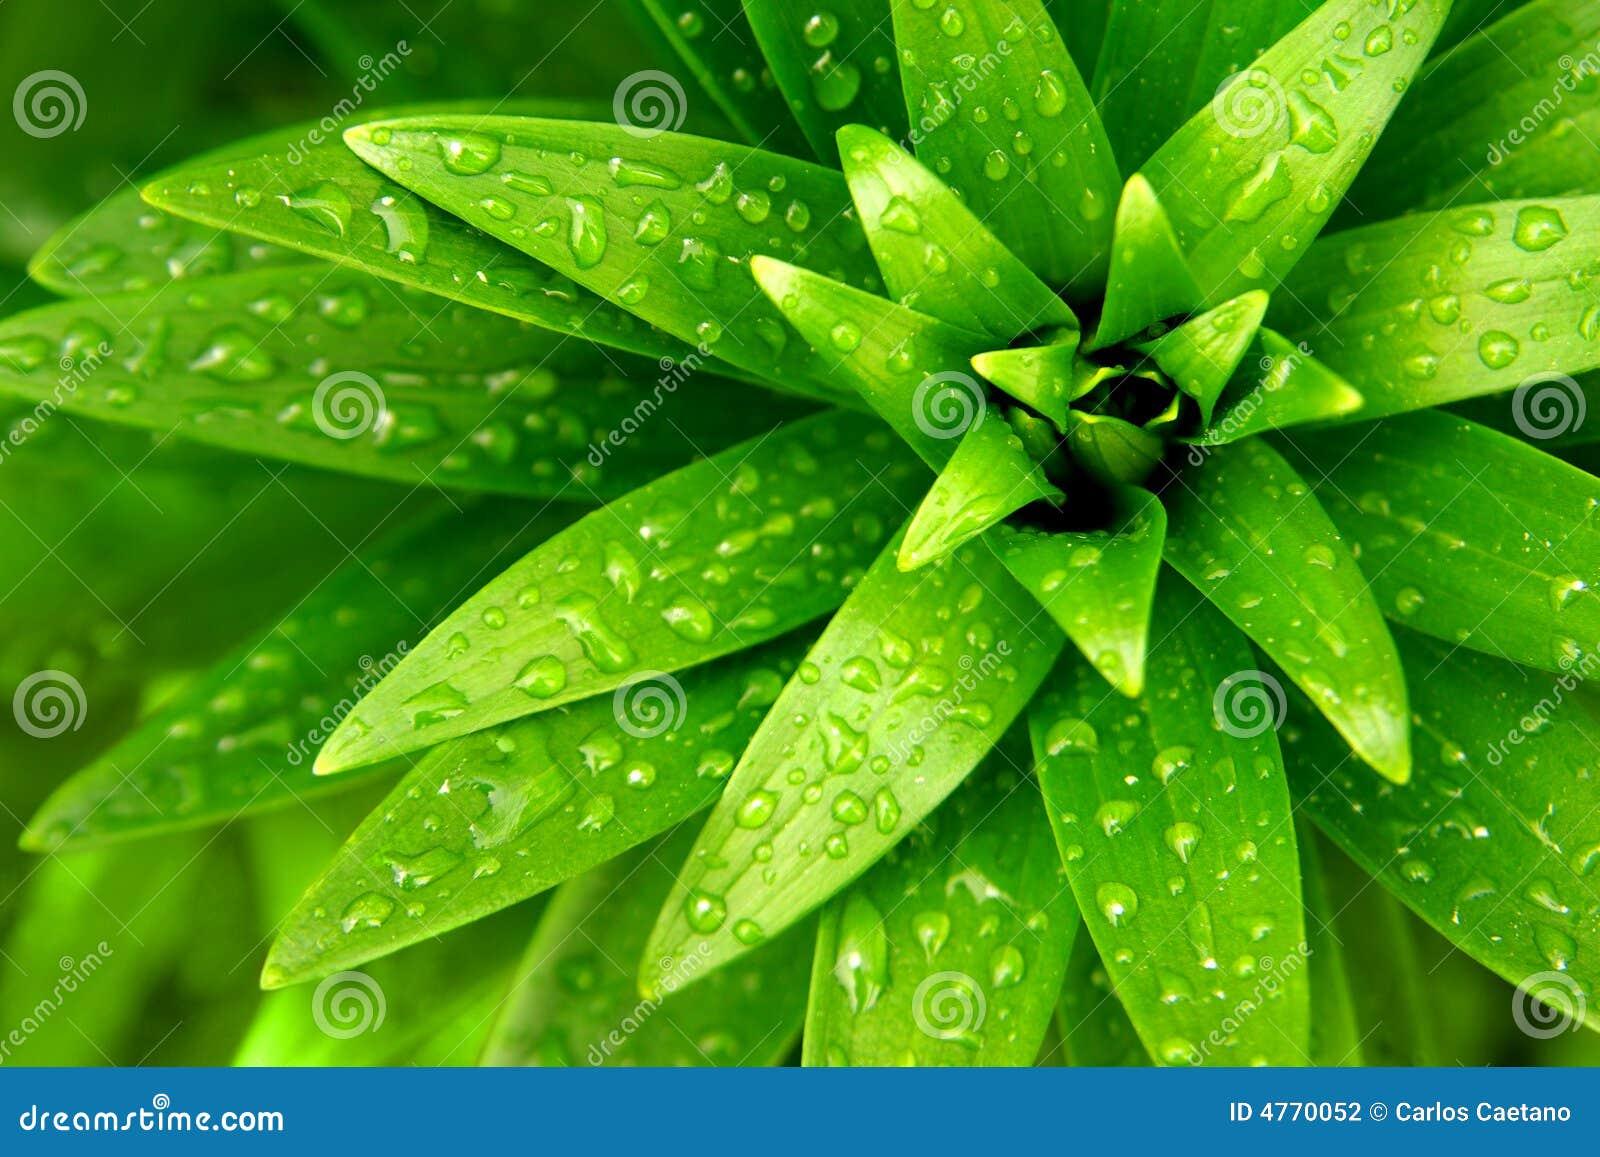 листво влажное